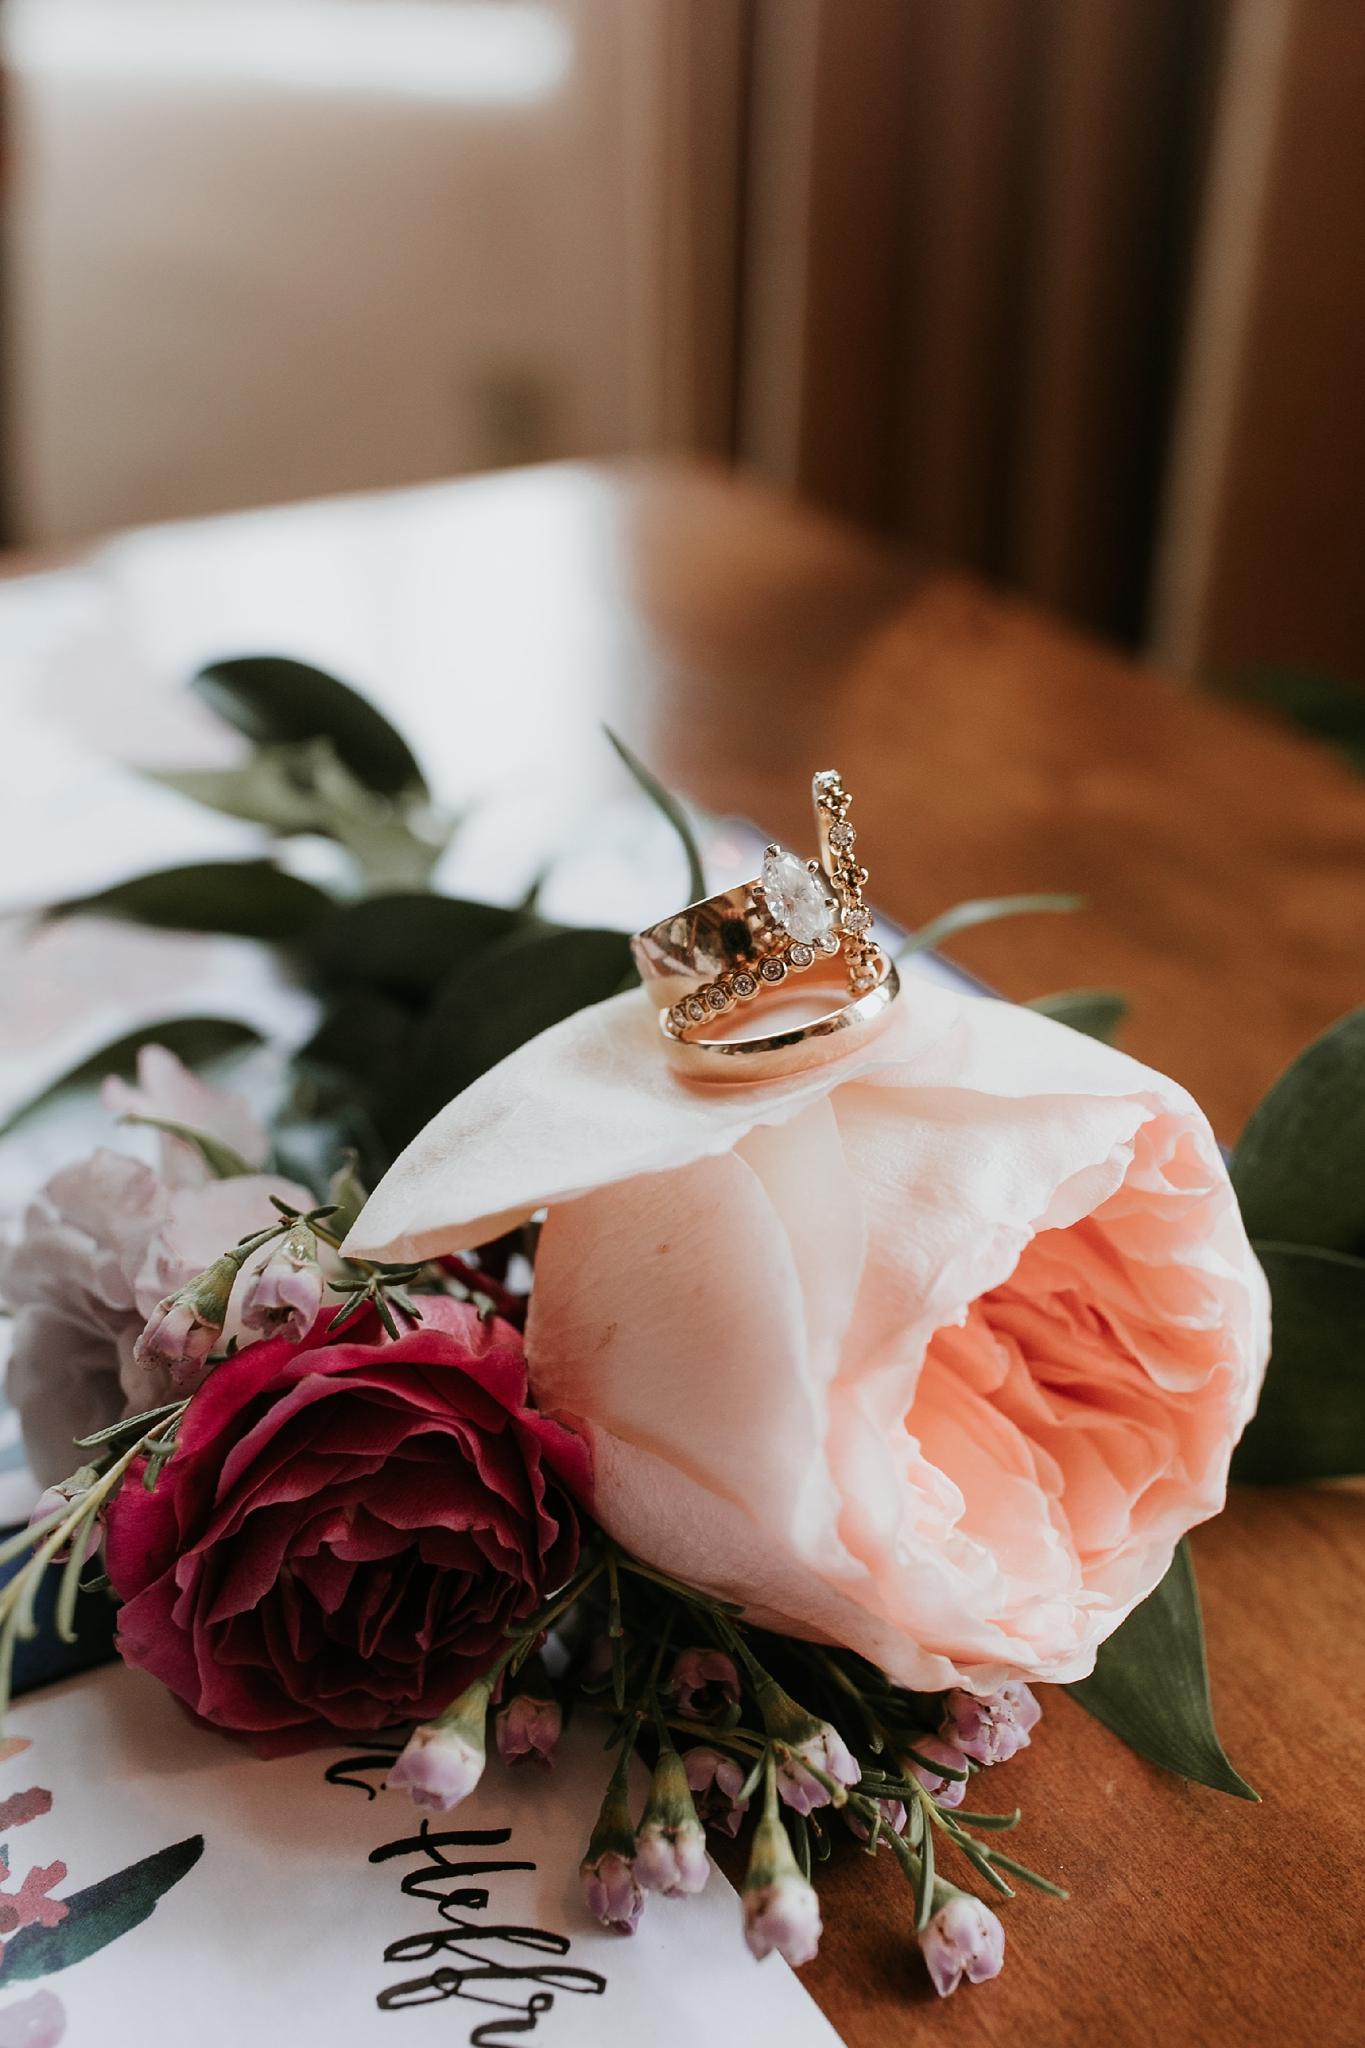 Alicia+lucia+photography+-+albuquerque+wedding+photographer+-+santa+fe+wedding+photography+-+new+mexico+wedding+photographer+-+new+mexico+wedding+-+santa+fe+wedding+-+albuquerque+wedding+-+wedding+rings+-+engagement+rings_0009.jpg